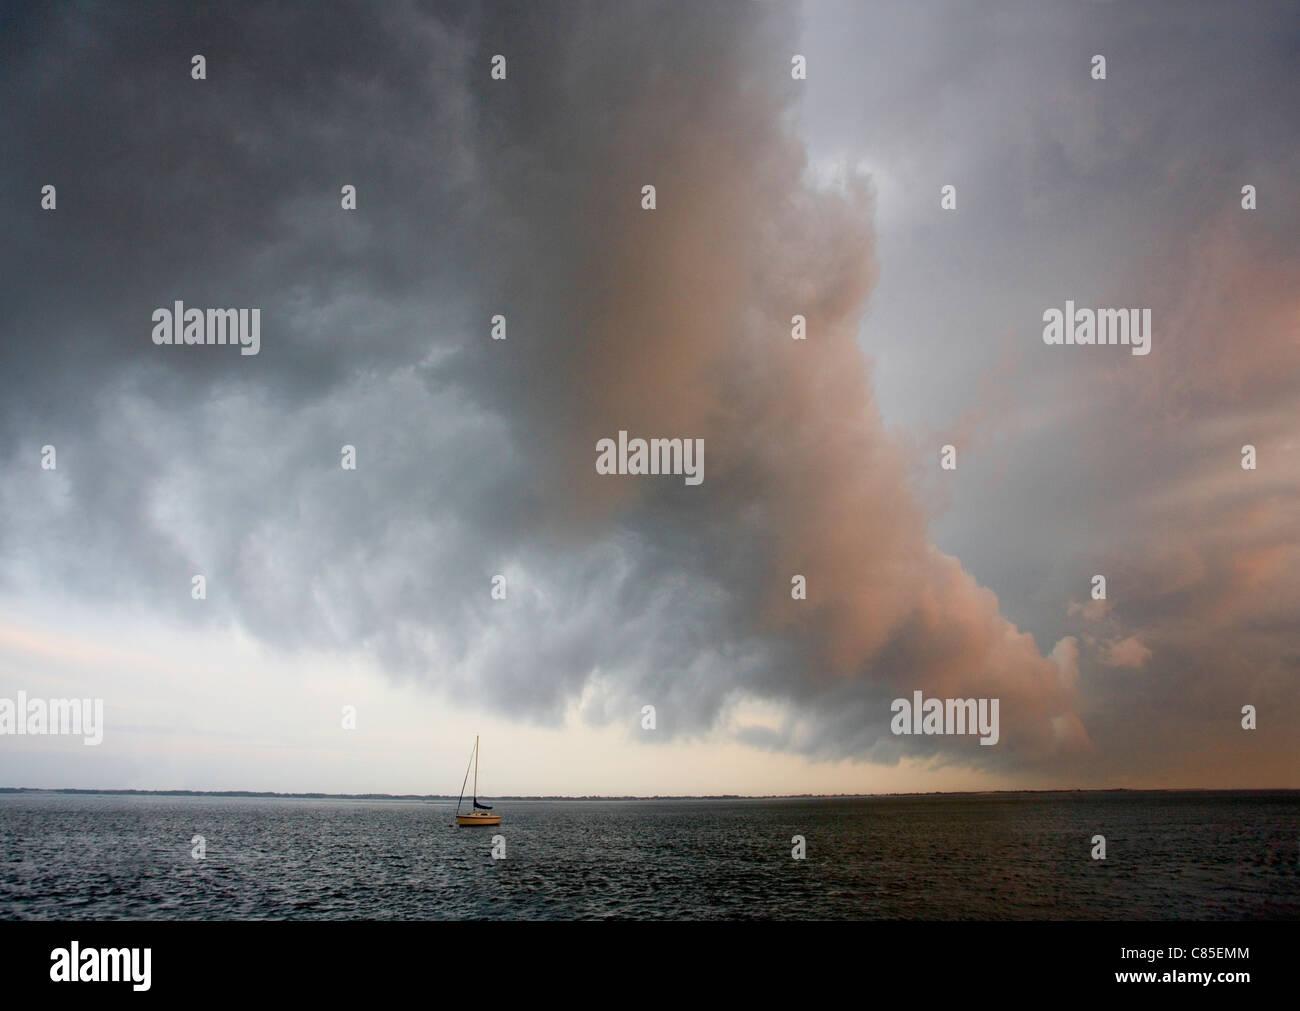 Una drammatica cloud araldi il trascorrere di un tempo come anteriore passa sopra una baia e una barca a vela ormeggiata. Immagini Stock